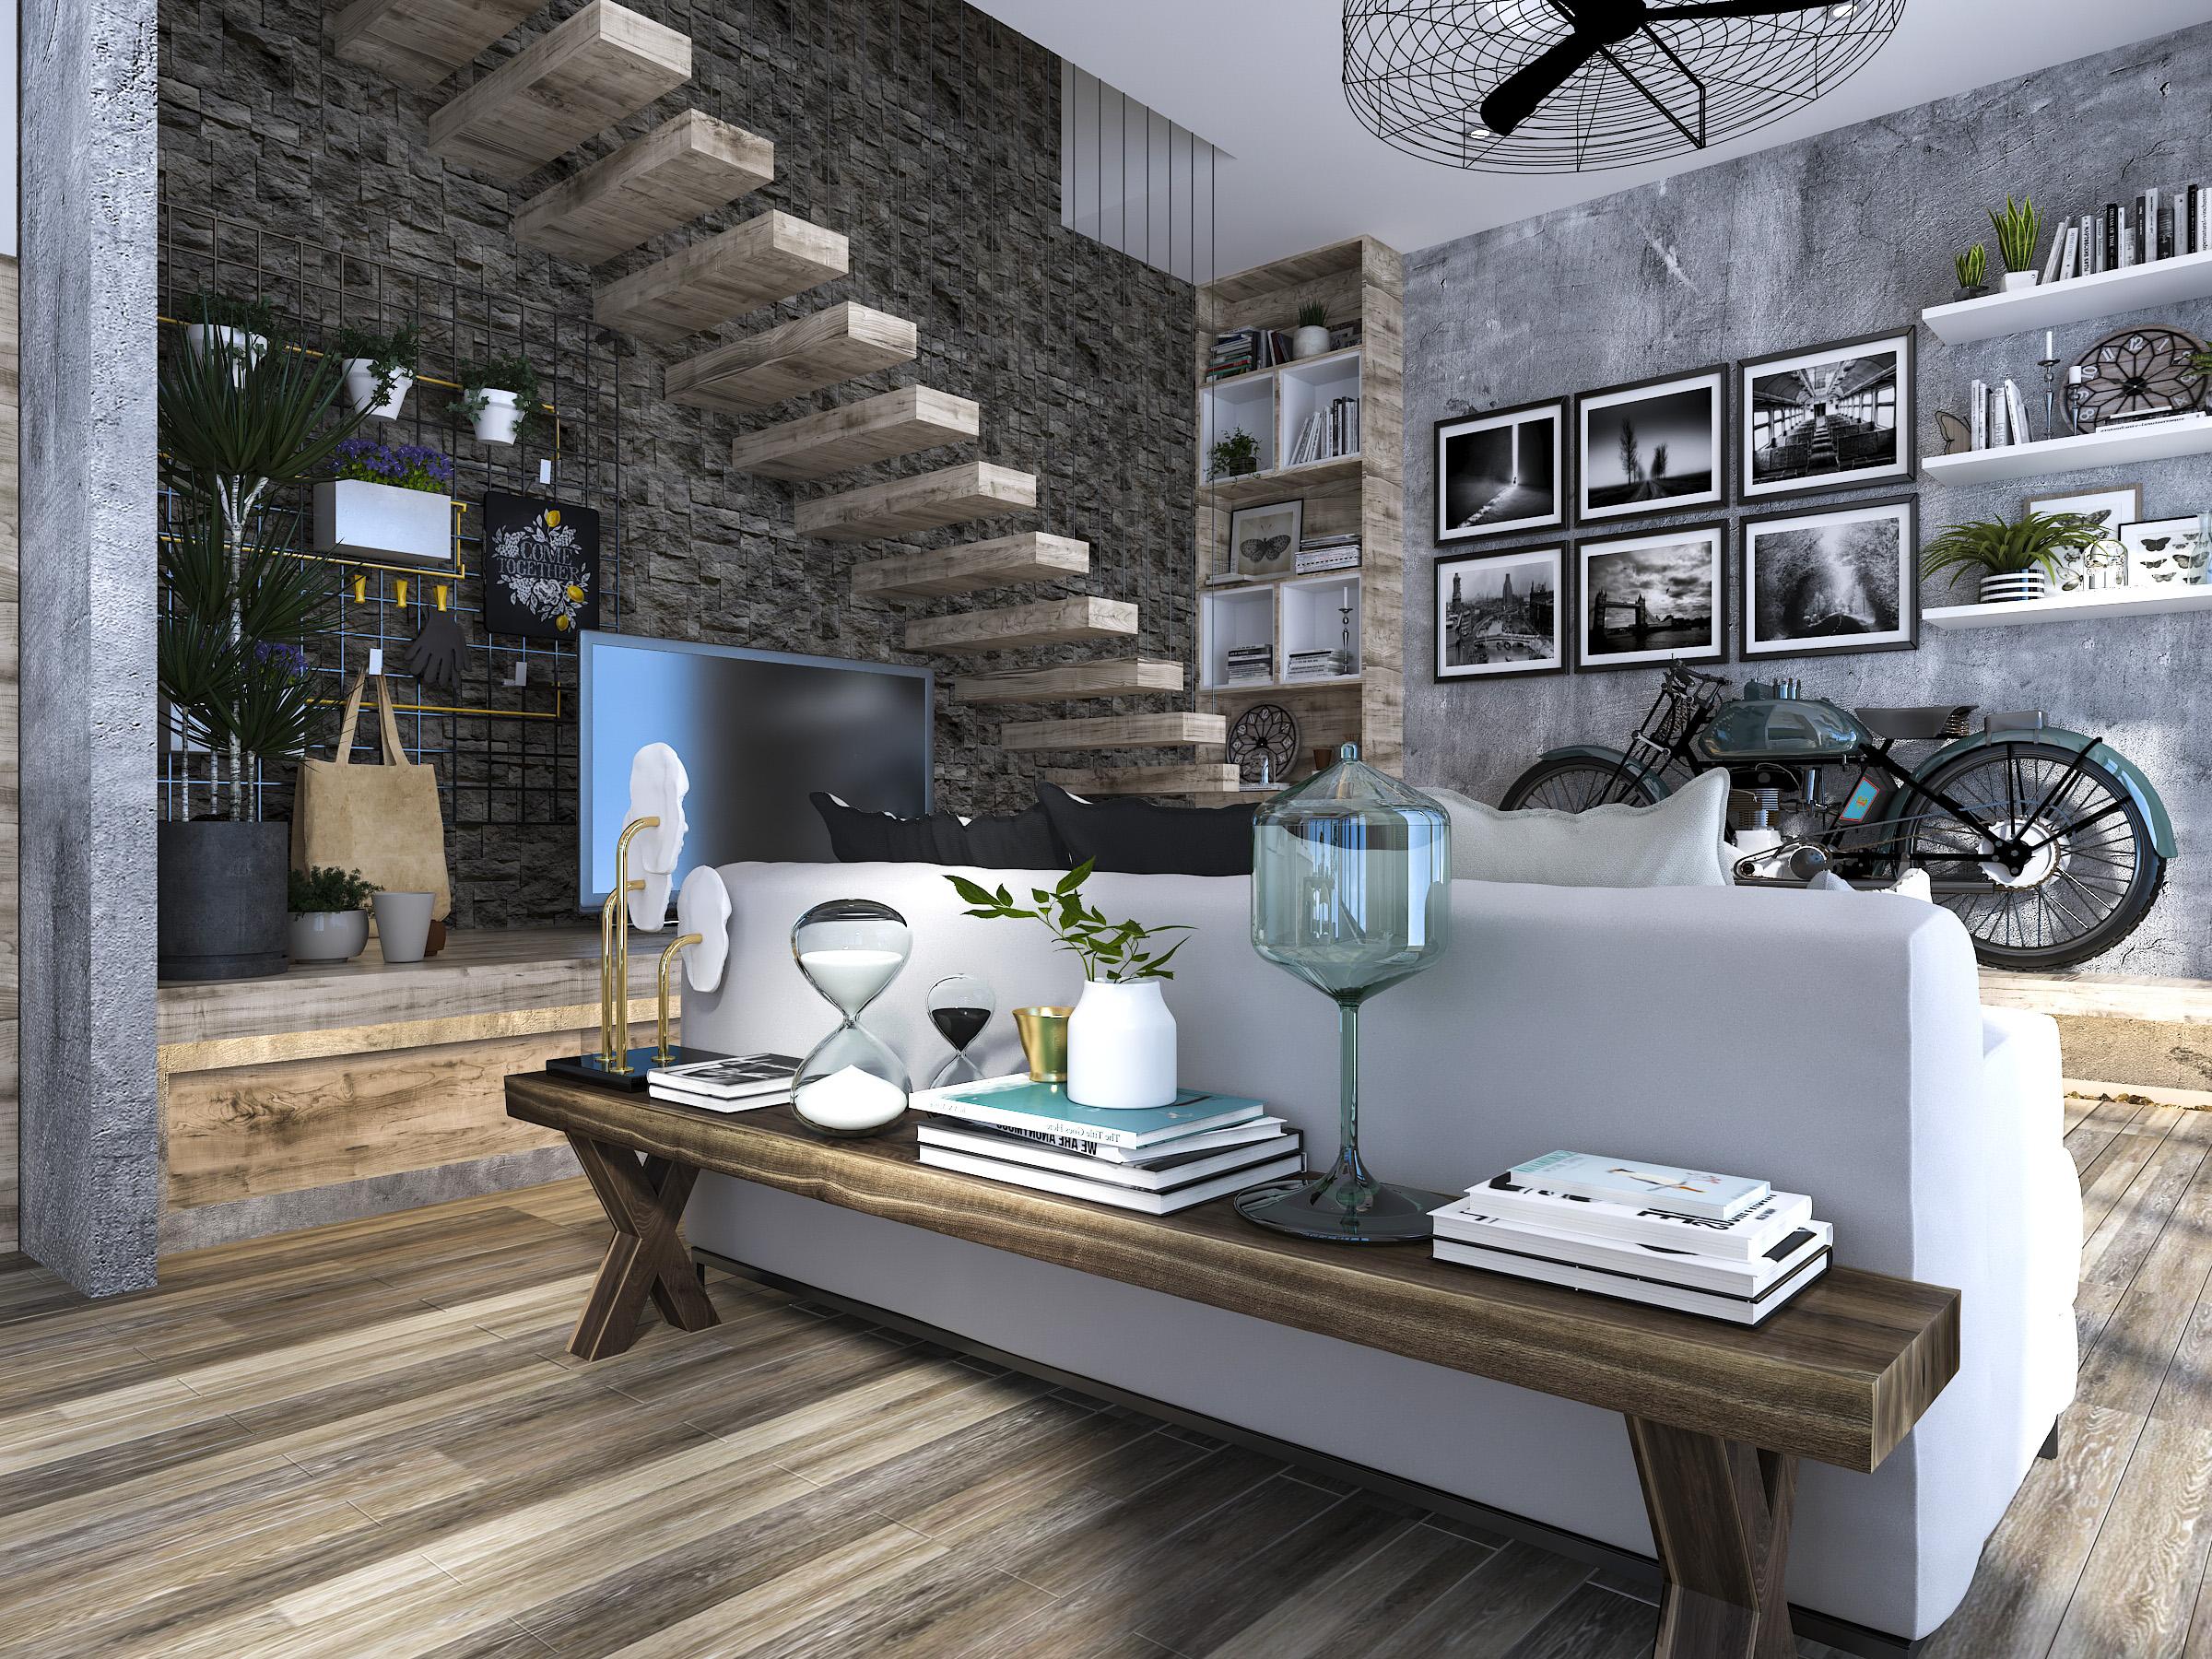 thiết kế nội thất Nhà tại Hồ Chí Minh Mr. Huy House 8 1565771944